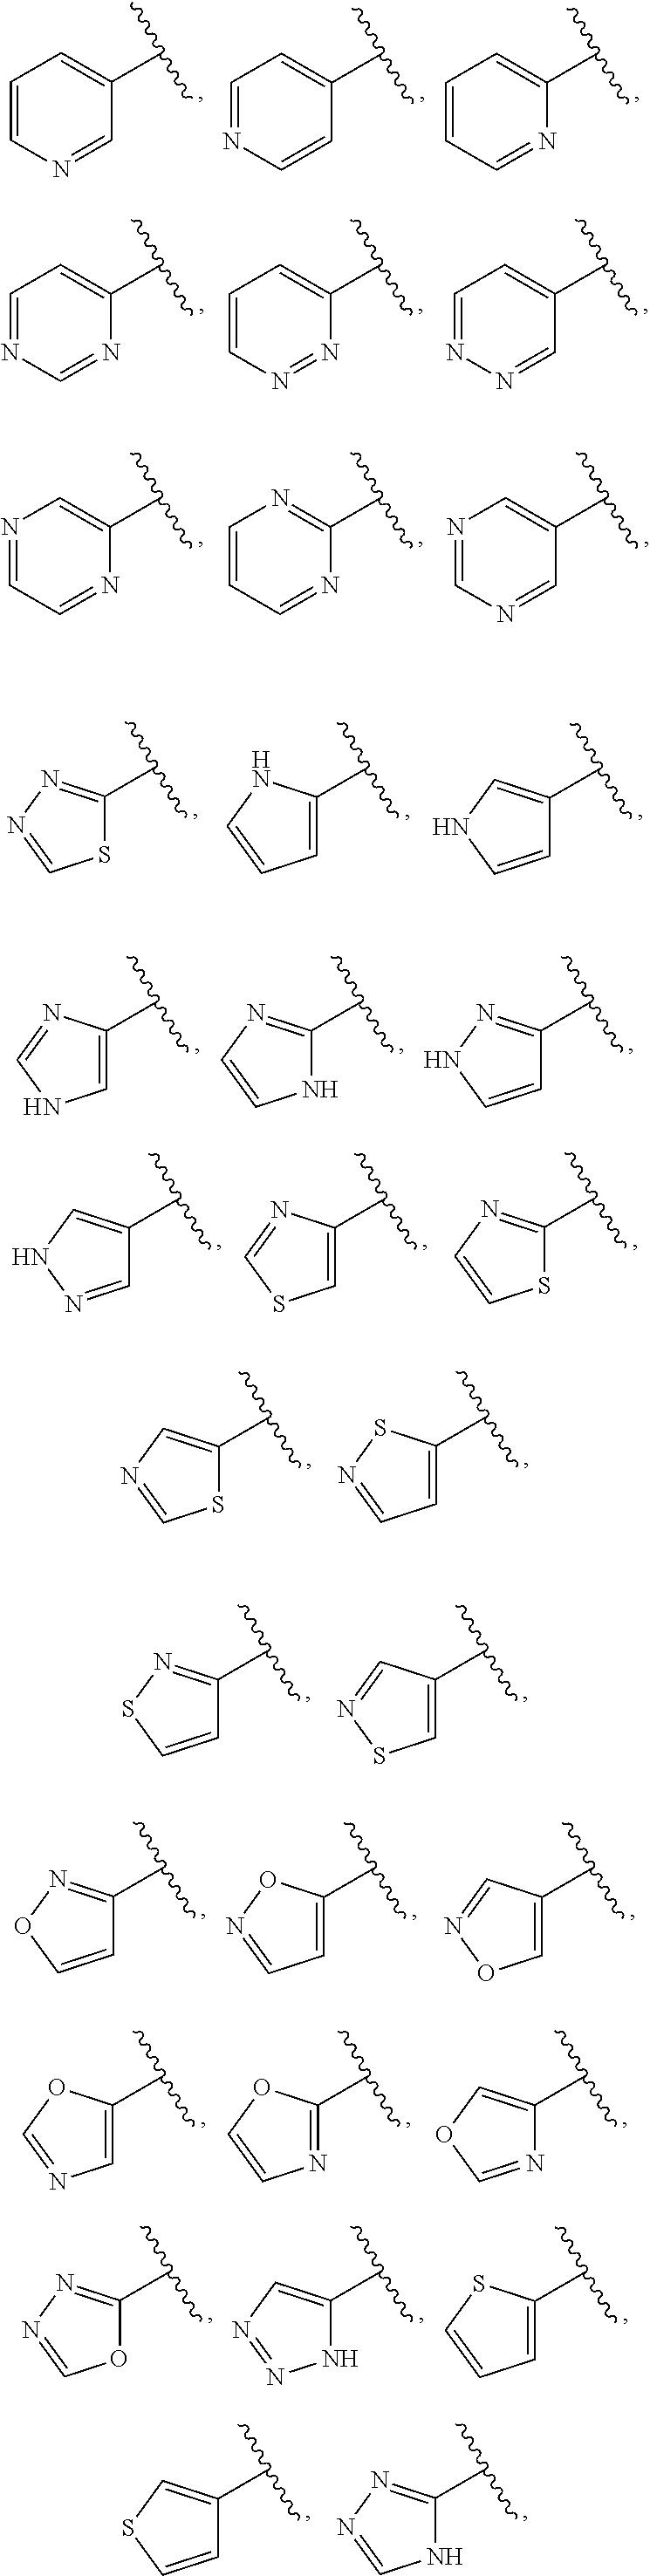 Figure US09617256-20170411-C00025